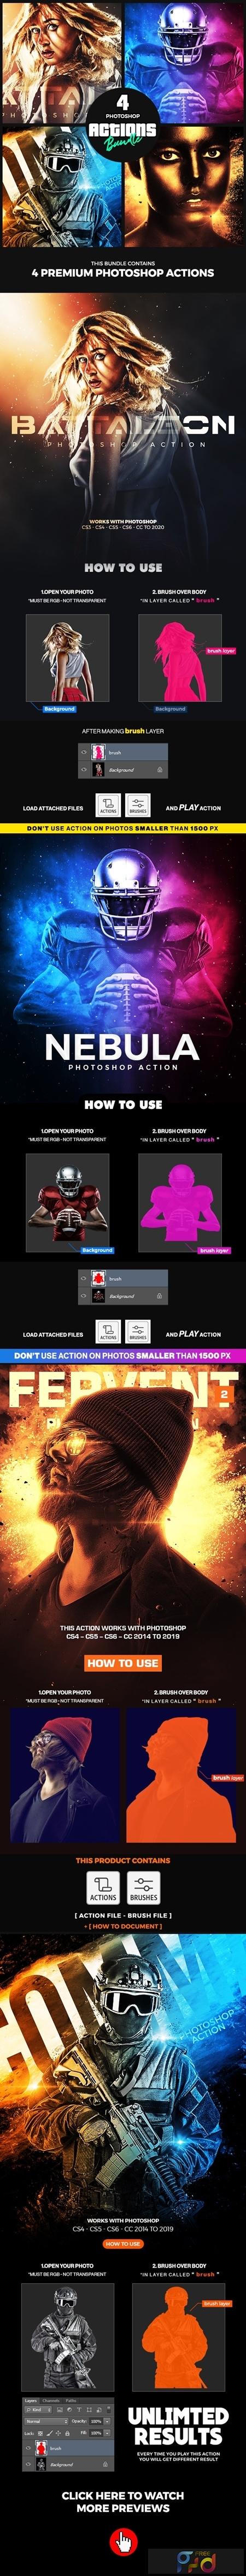 4 Photoshop Actions Bundle - Jan20 25603131 1